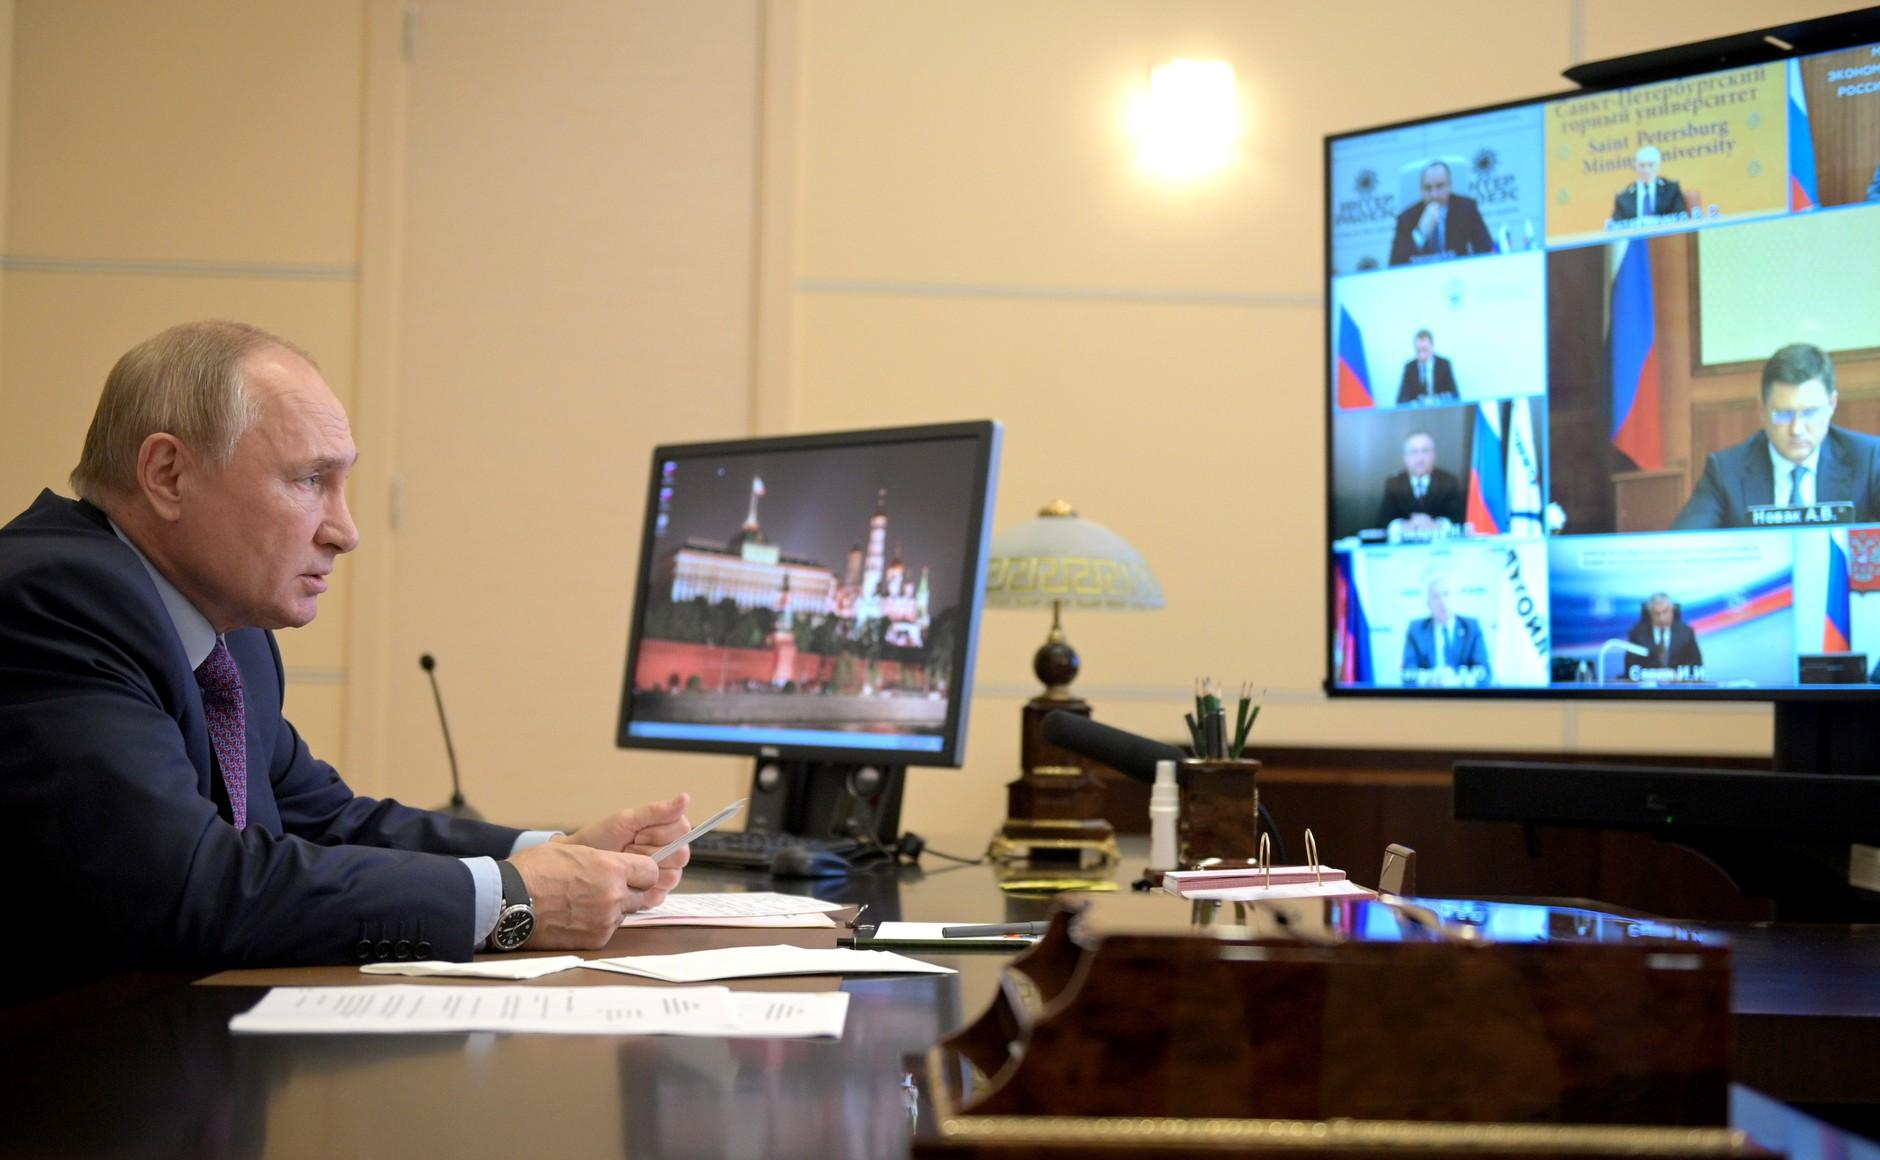 Путин поддержал идею увеличить предложение газа на рынке через Петербургскую биржу